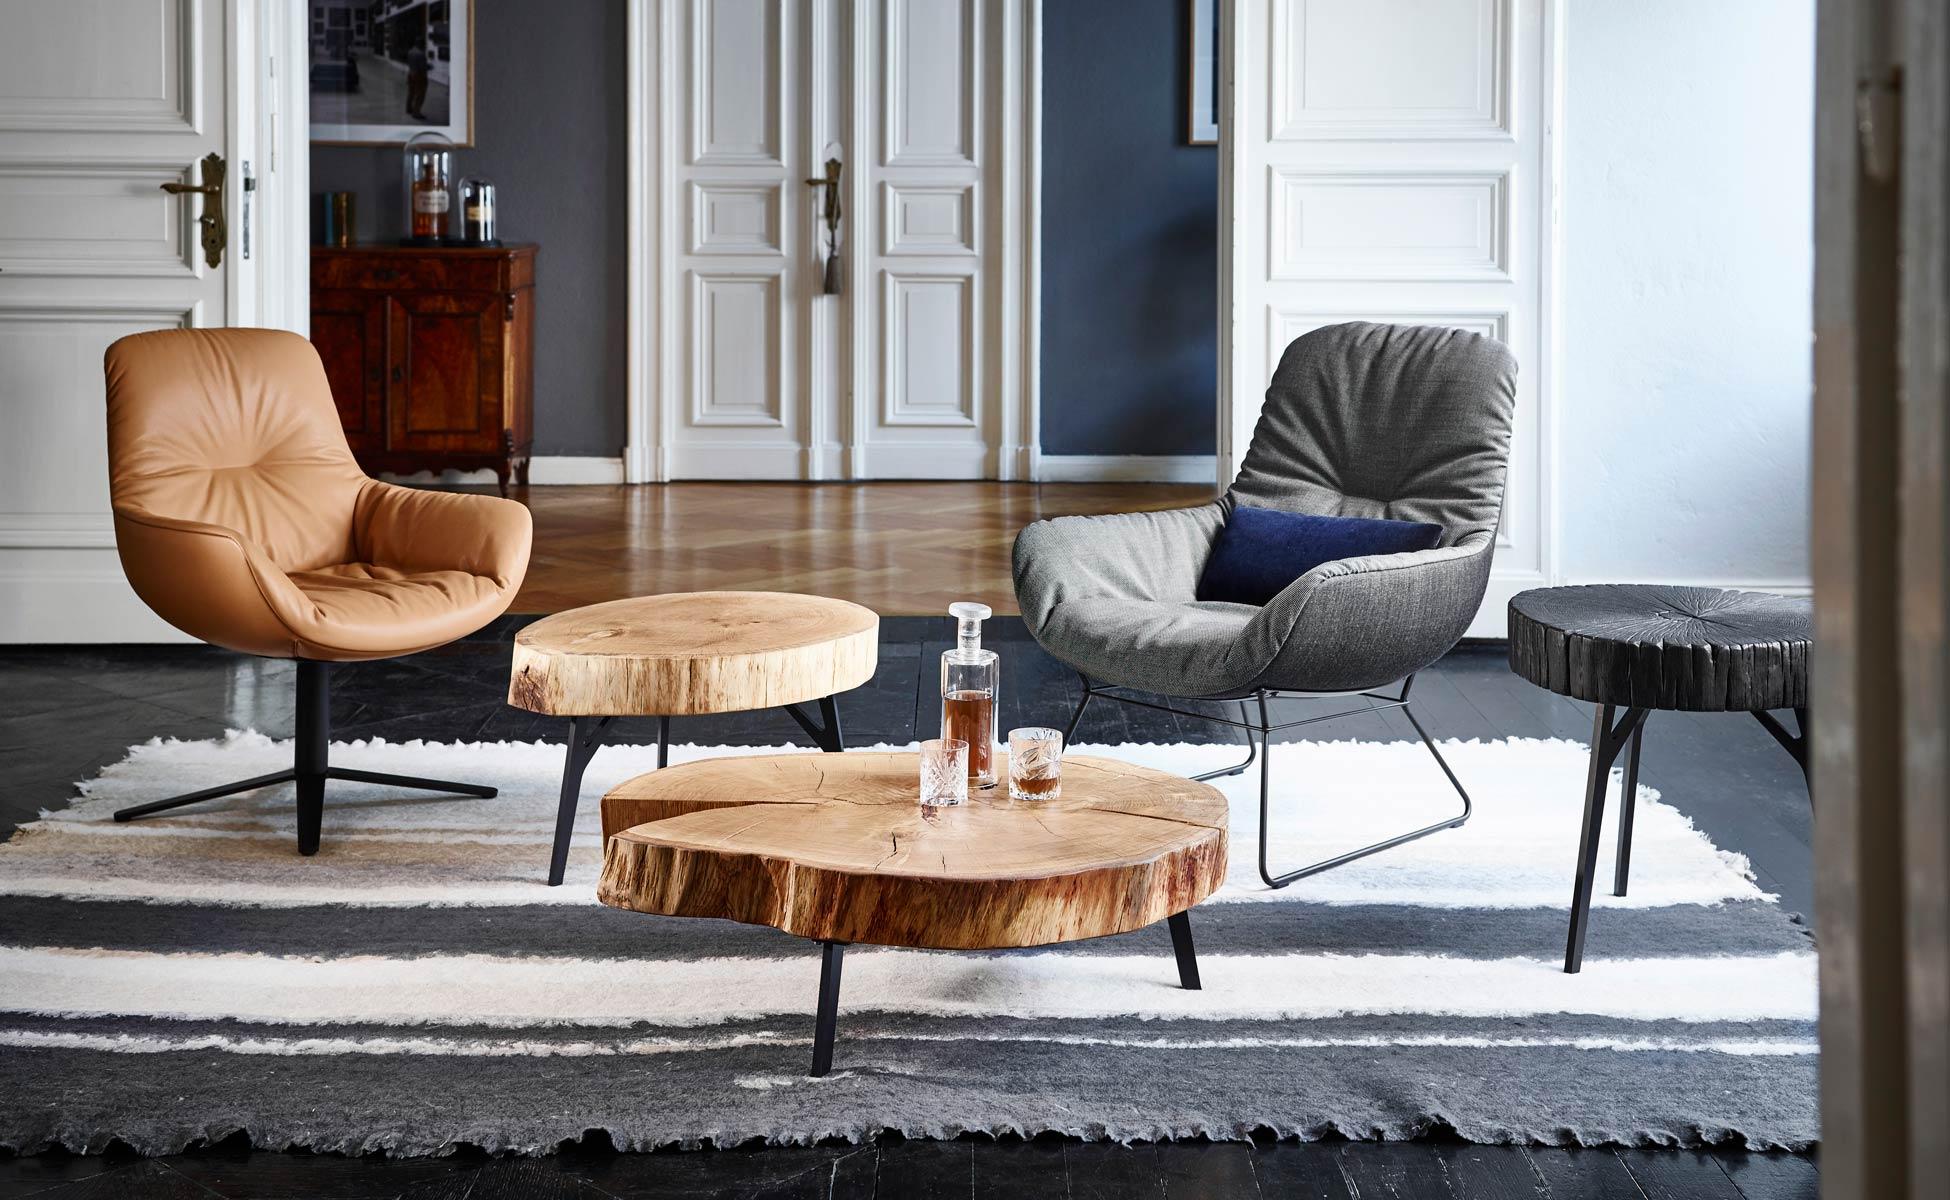 freifrau sitzm belmanufaktur berlin steidten einrichten mit architekturintelligenz. Black Bedroom Furniture Sets. Home Design Ideas